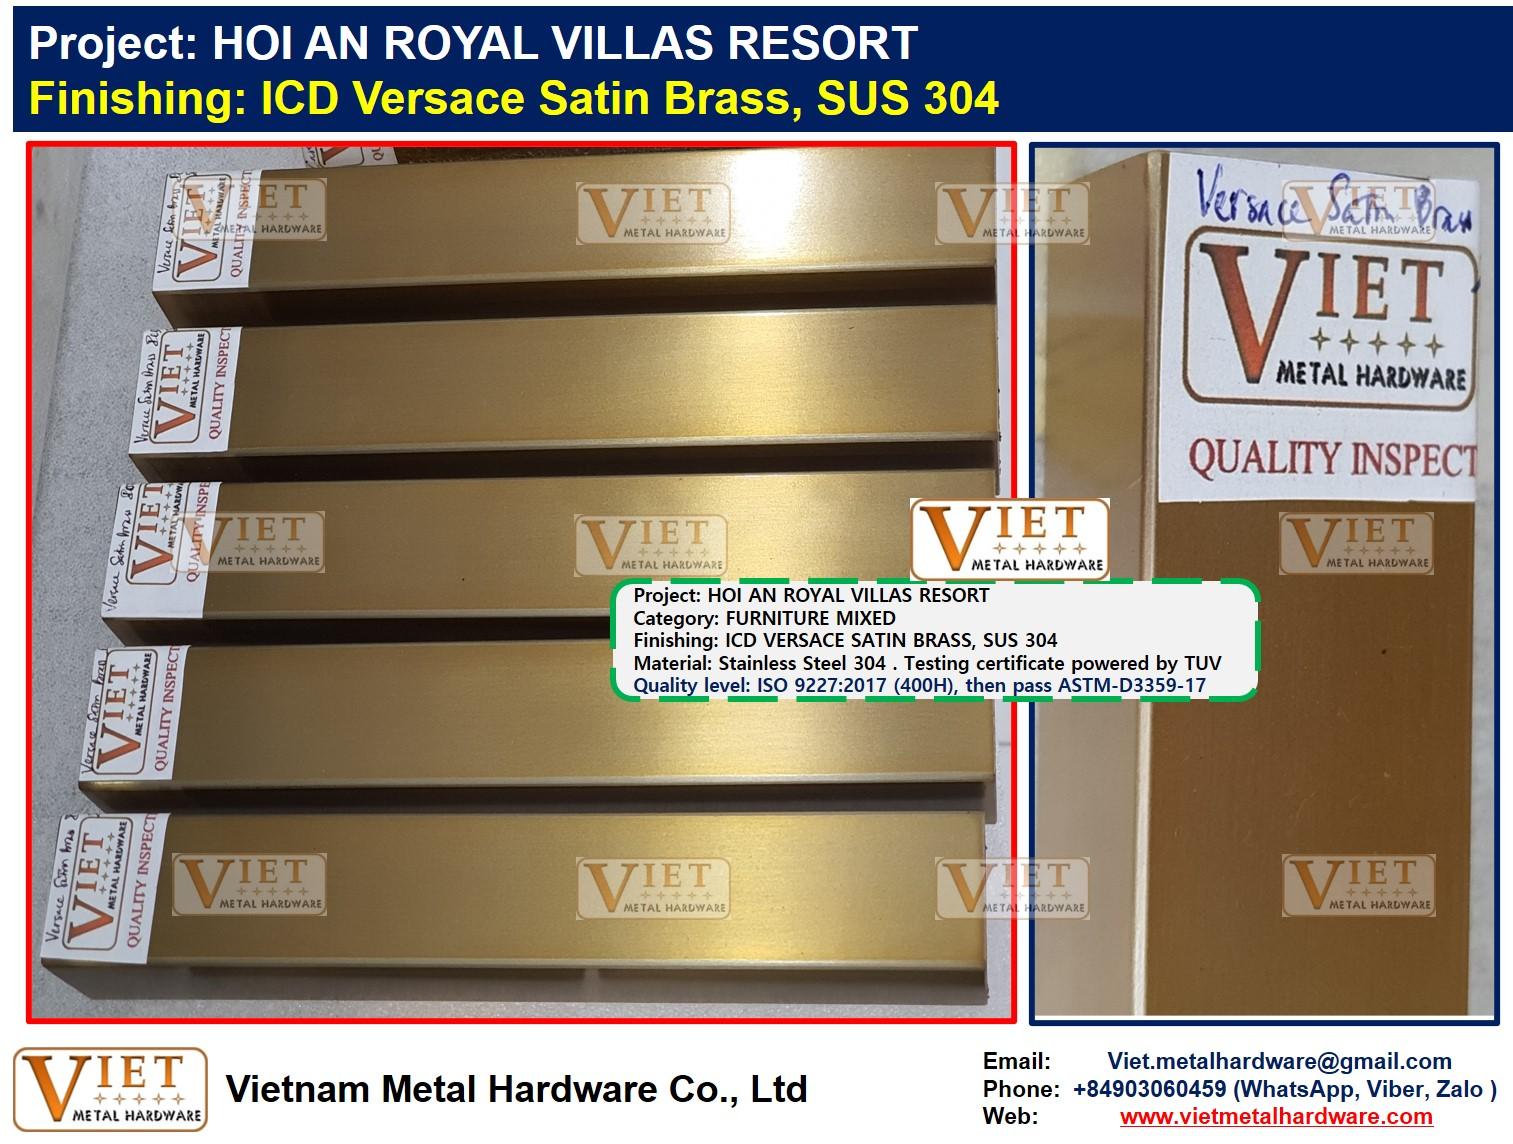 ICD Versace Satin Brass, HOI AN ROYAL VILLAS RESORT